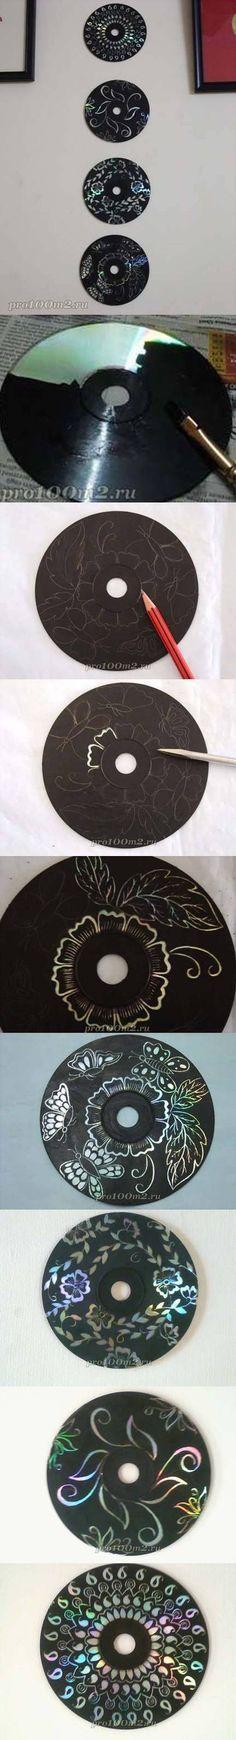 Não jogue fora o CD usado! Crie muitas possibilidades em decoração com esta ideia!Observe! É fácil!